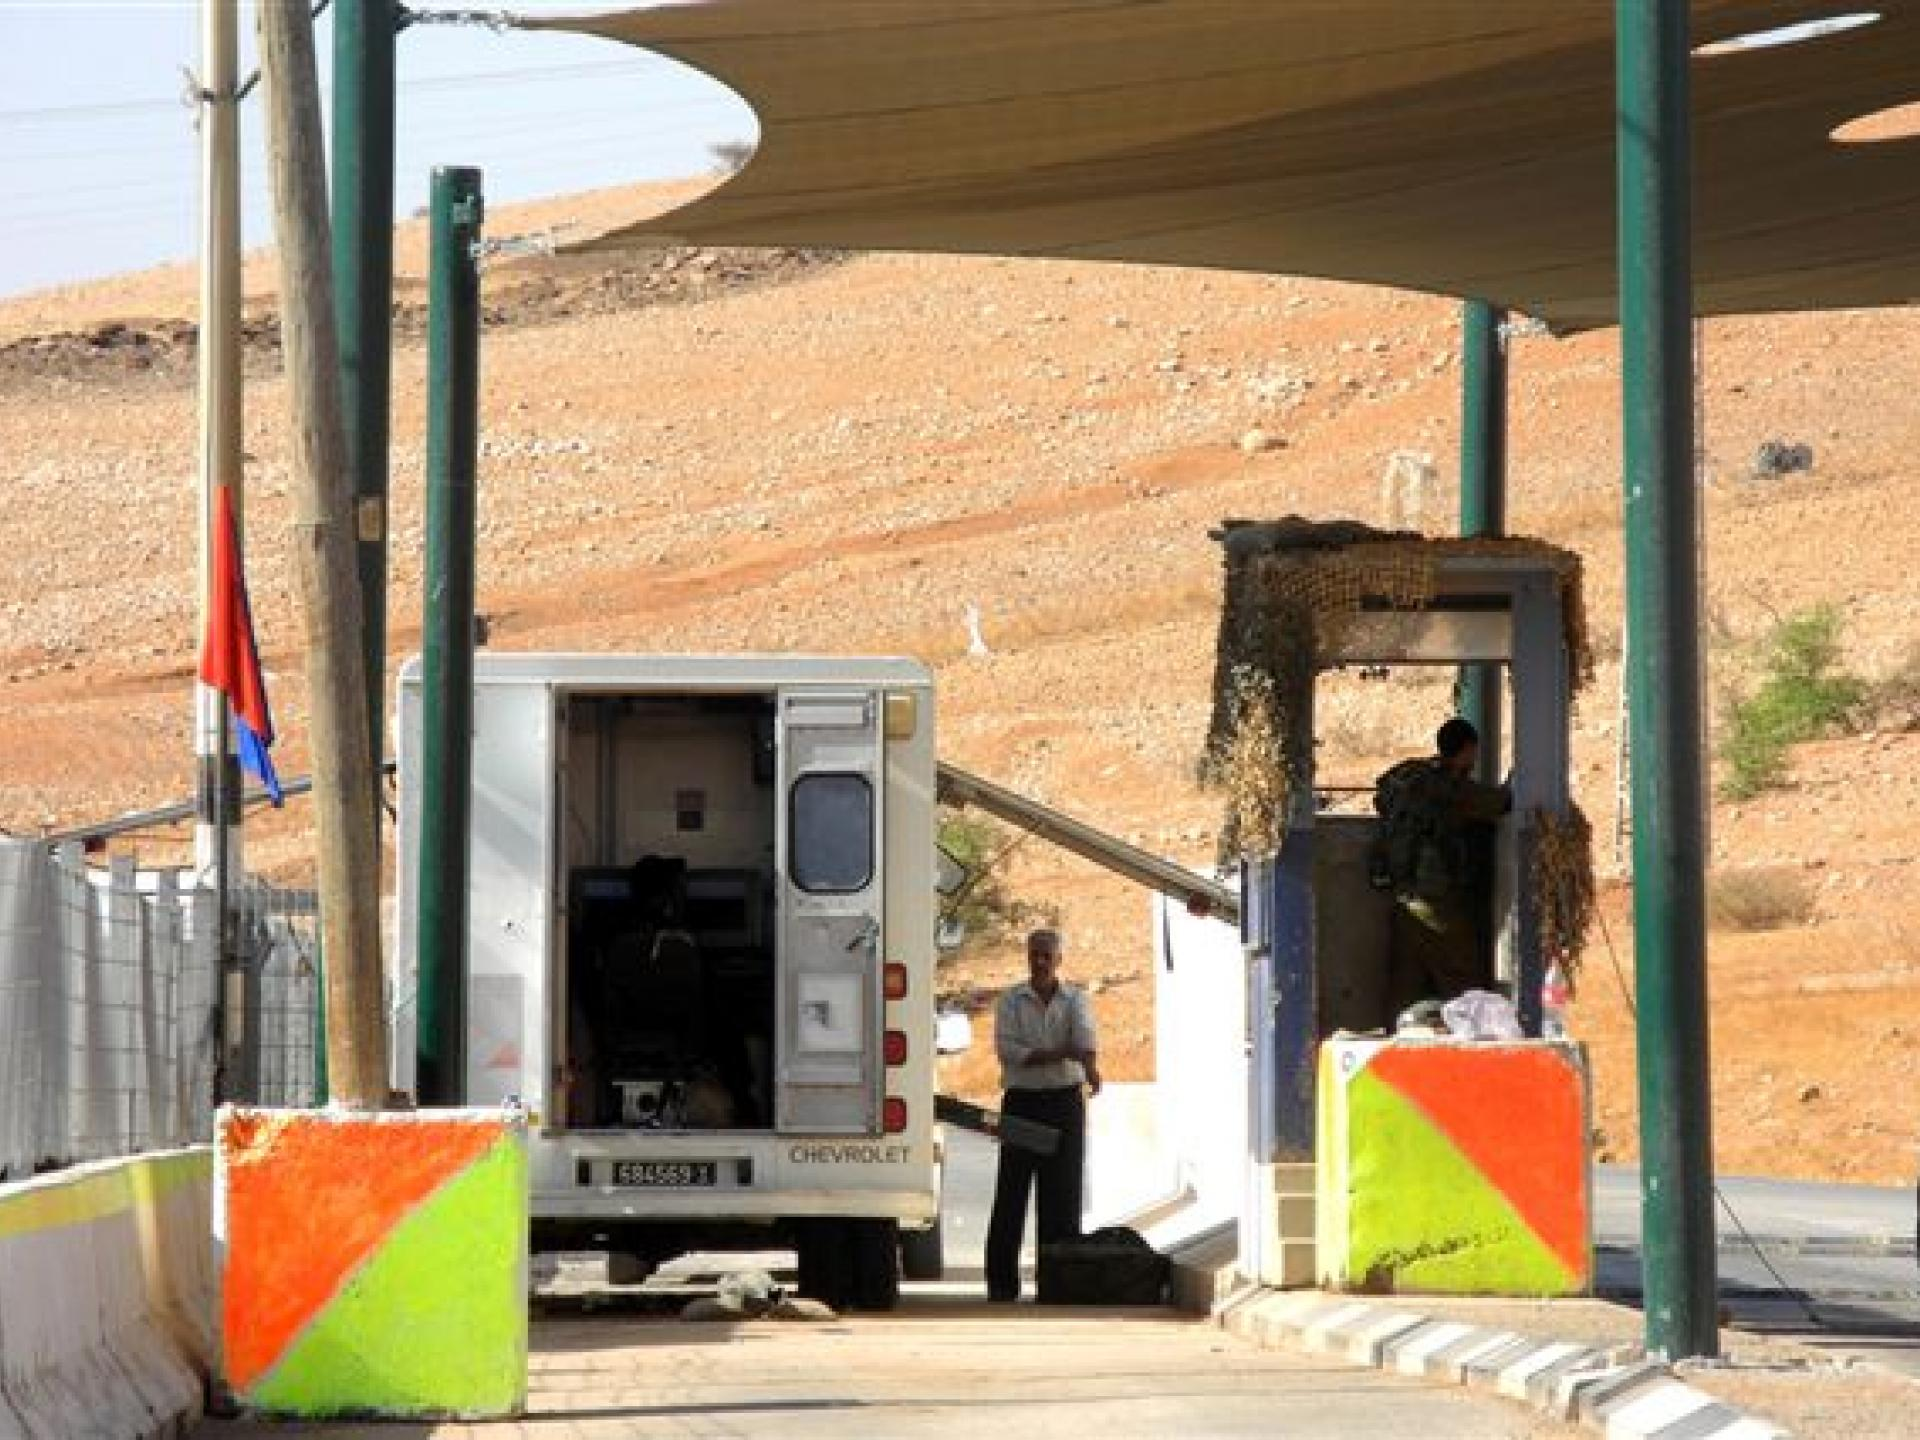 Hamra/Beqaot checkpoint 30.10.12